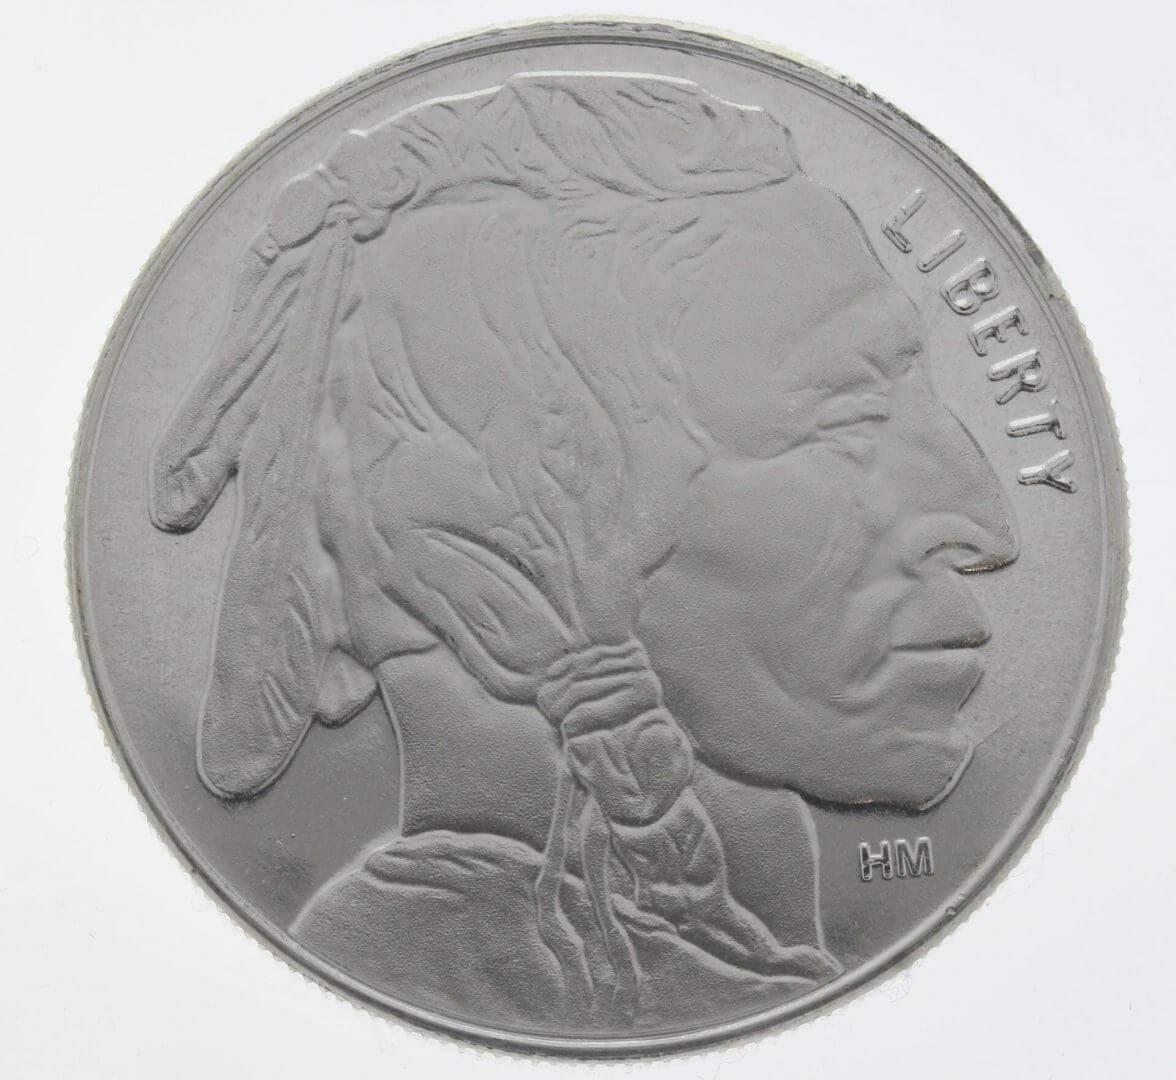 Buffalo / Indian Head 1oz .999 Silver Bullion Coin - Highland Mint 1